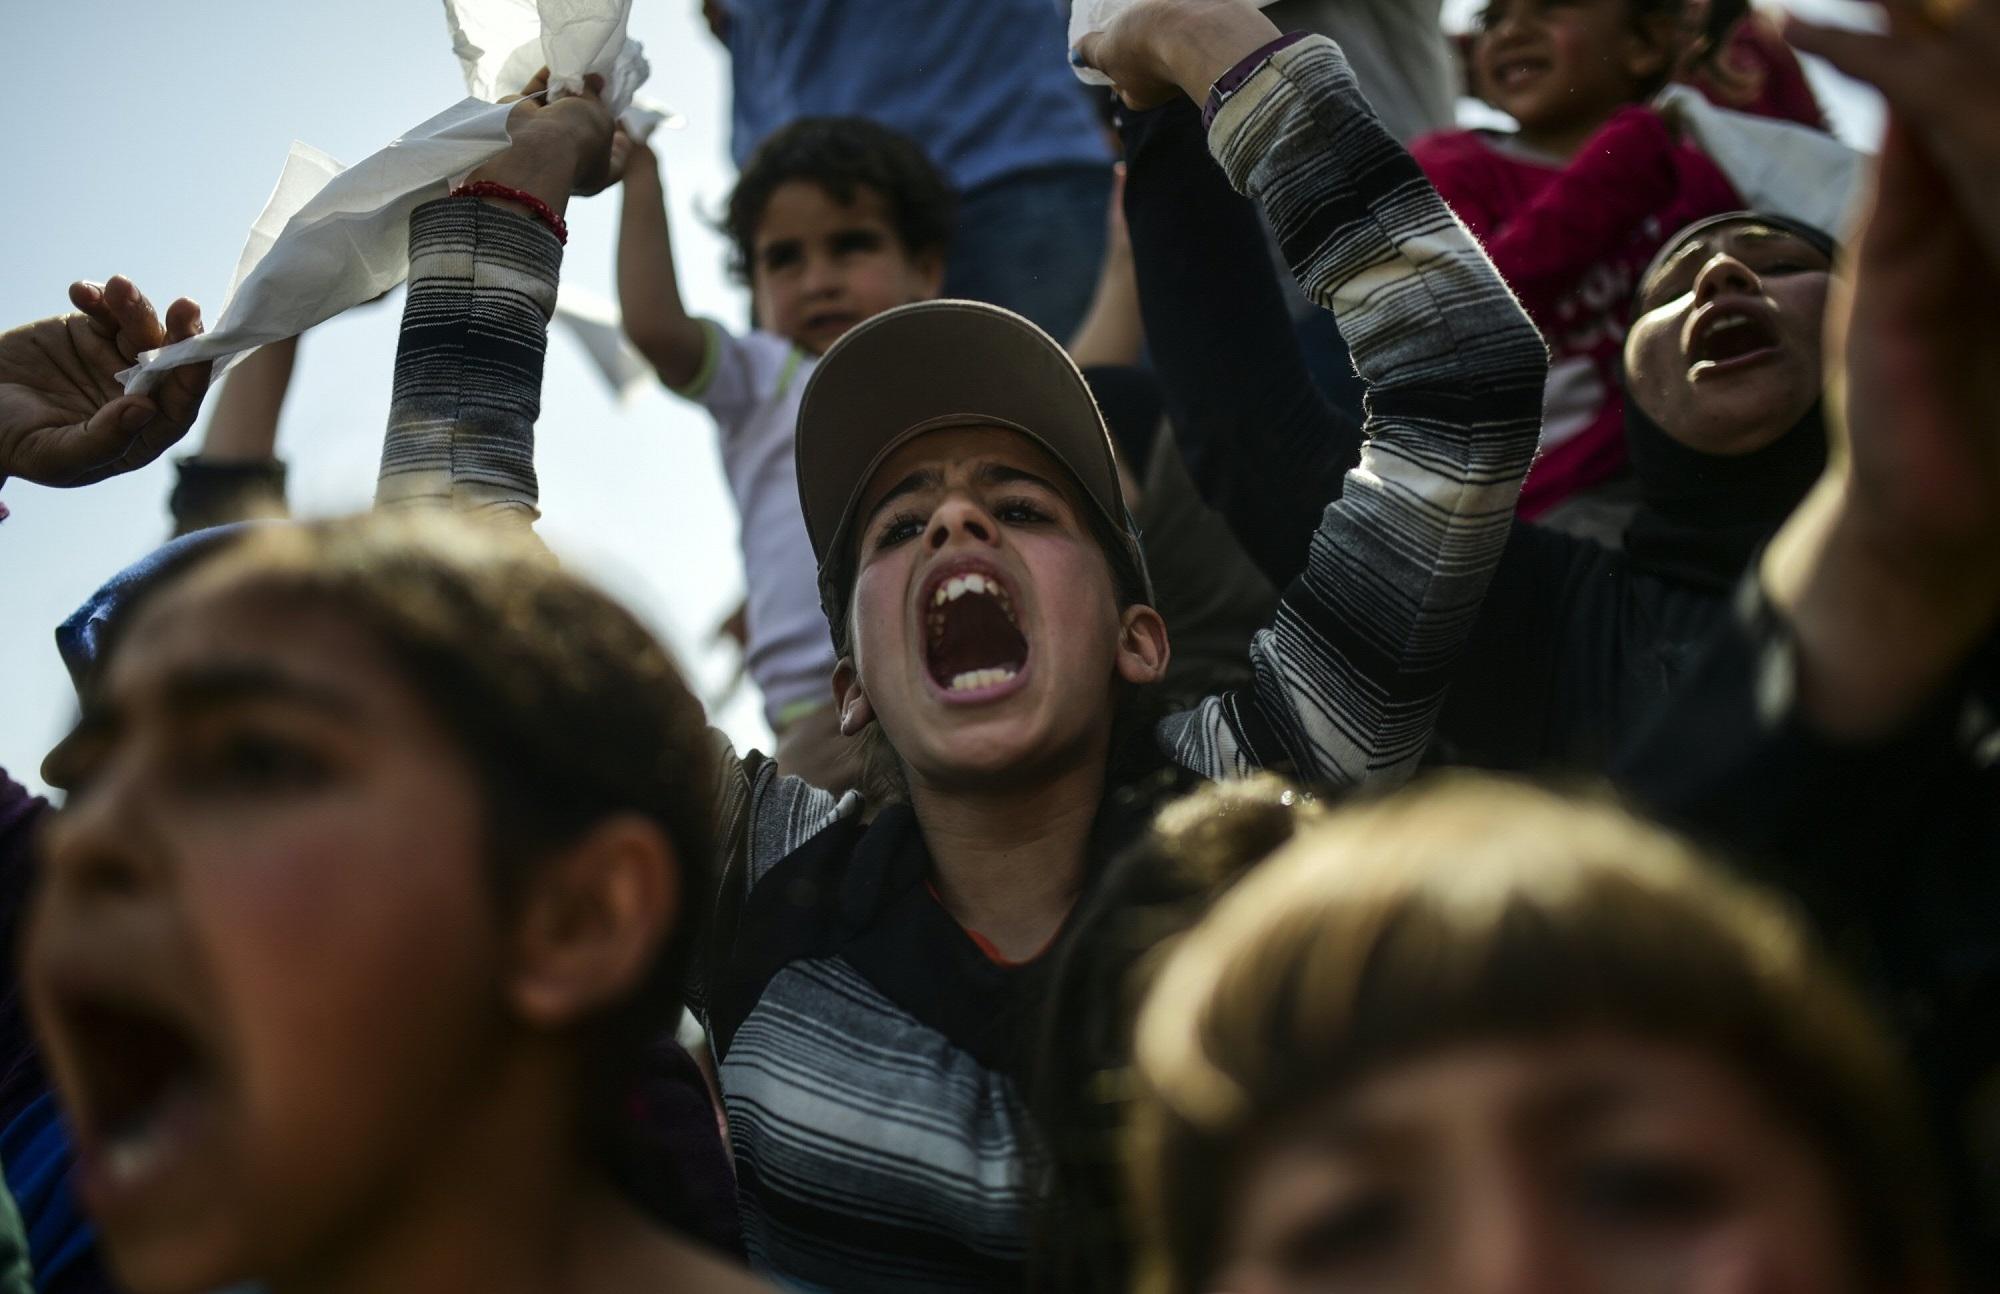 Des réfugiés massés devant la frontière macédonienne à Idomeni, en Grèce, le 6 avril 2016